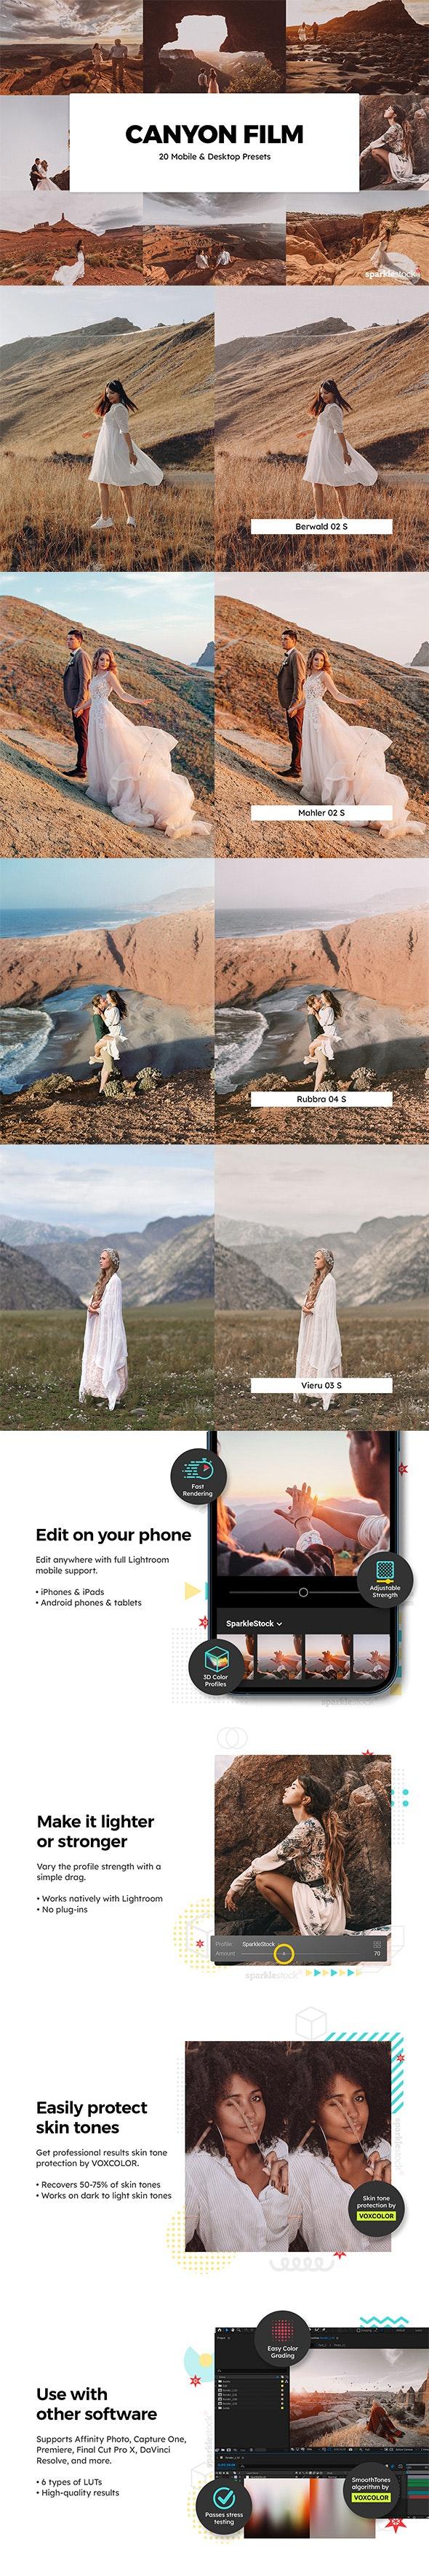 20 Canyon Film Lightroom Presets & LUTs - Film Lightroom Presets